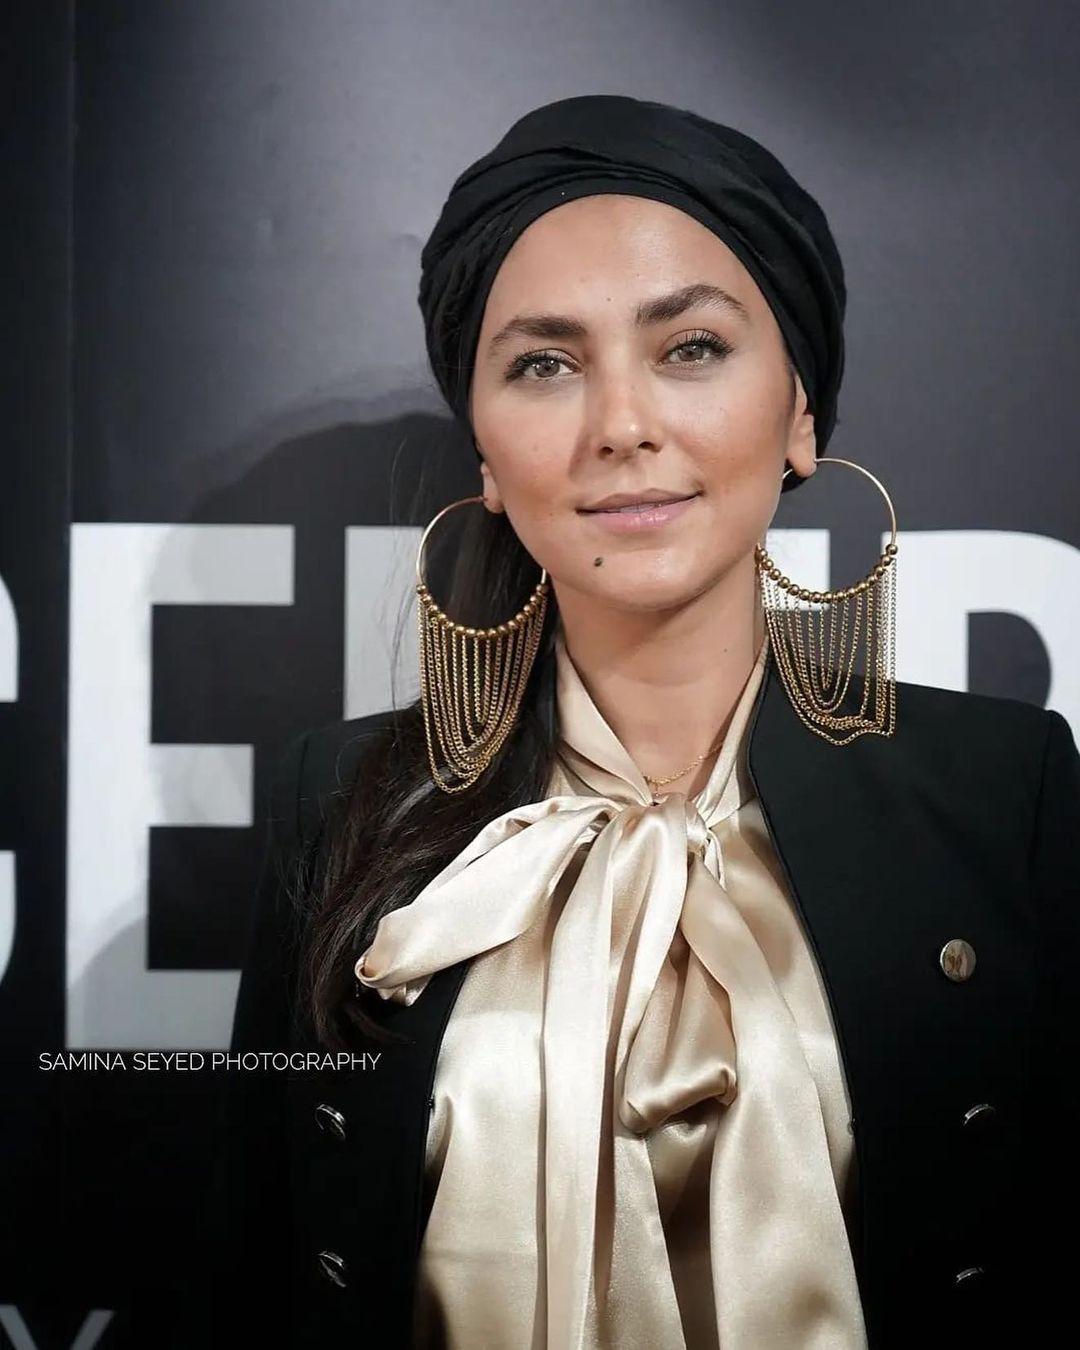 پوشش و جواهرات متفاوت بازیگر ایرانی در ونیز